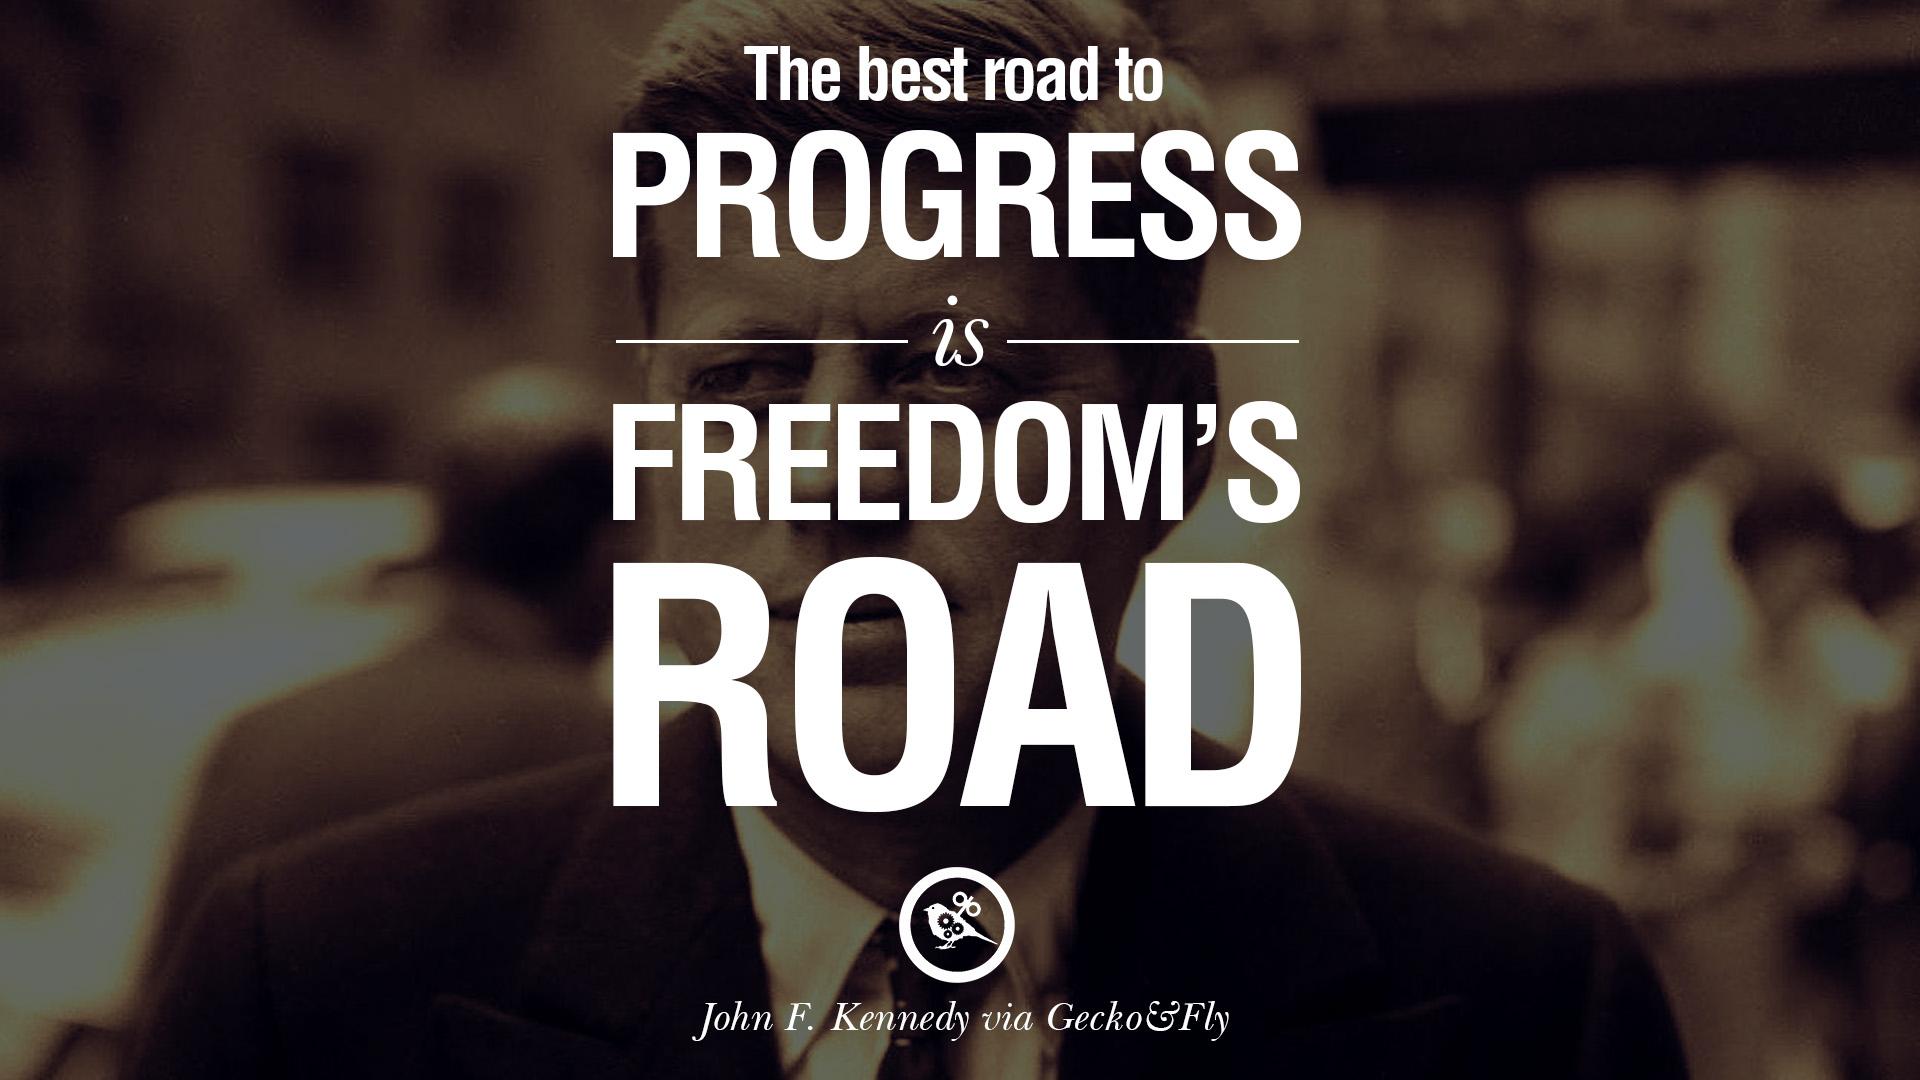 Famous Presidential Debate Quotes Quotesgram: Famous President Quotes About Freedom. QuotesGram